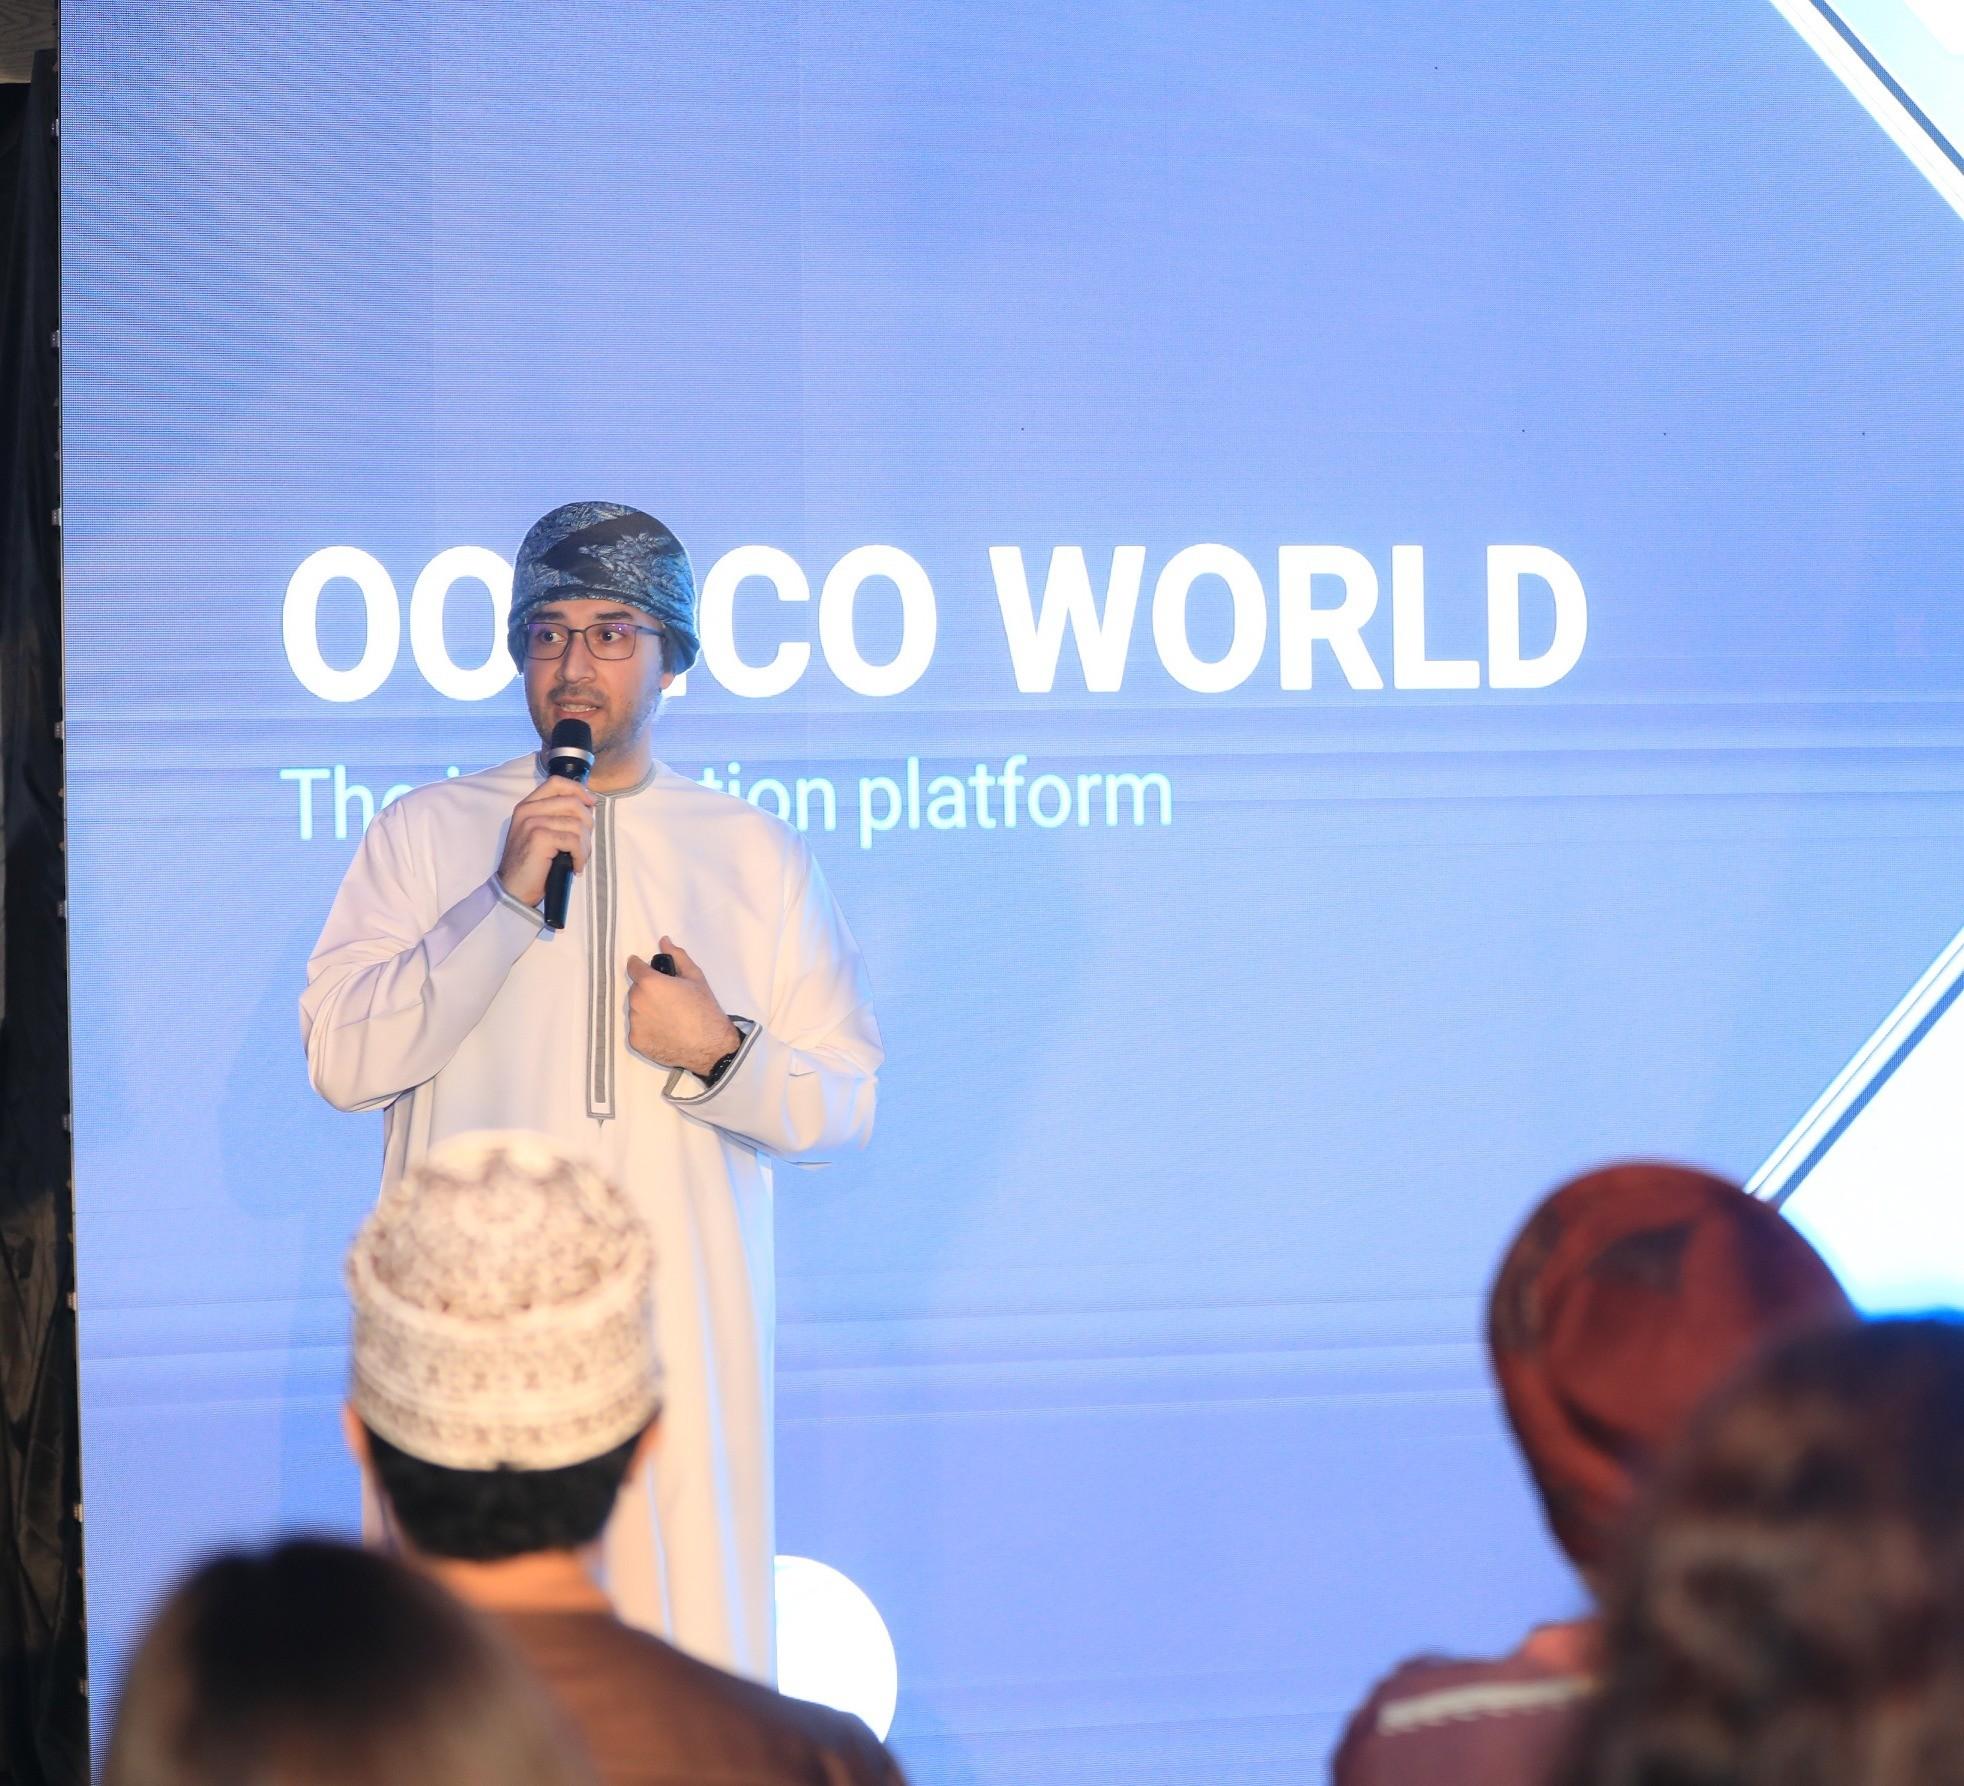 تطبيق 'عالم أومكو' المُبتكر من شركة النفط العُمانية للتسويق يُثري تجربة العملاء الرقمية